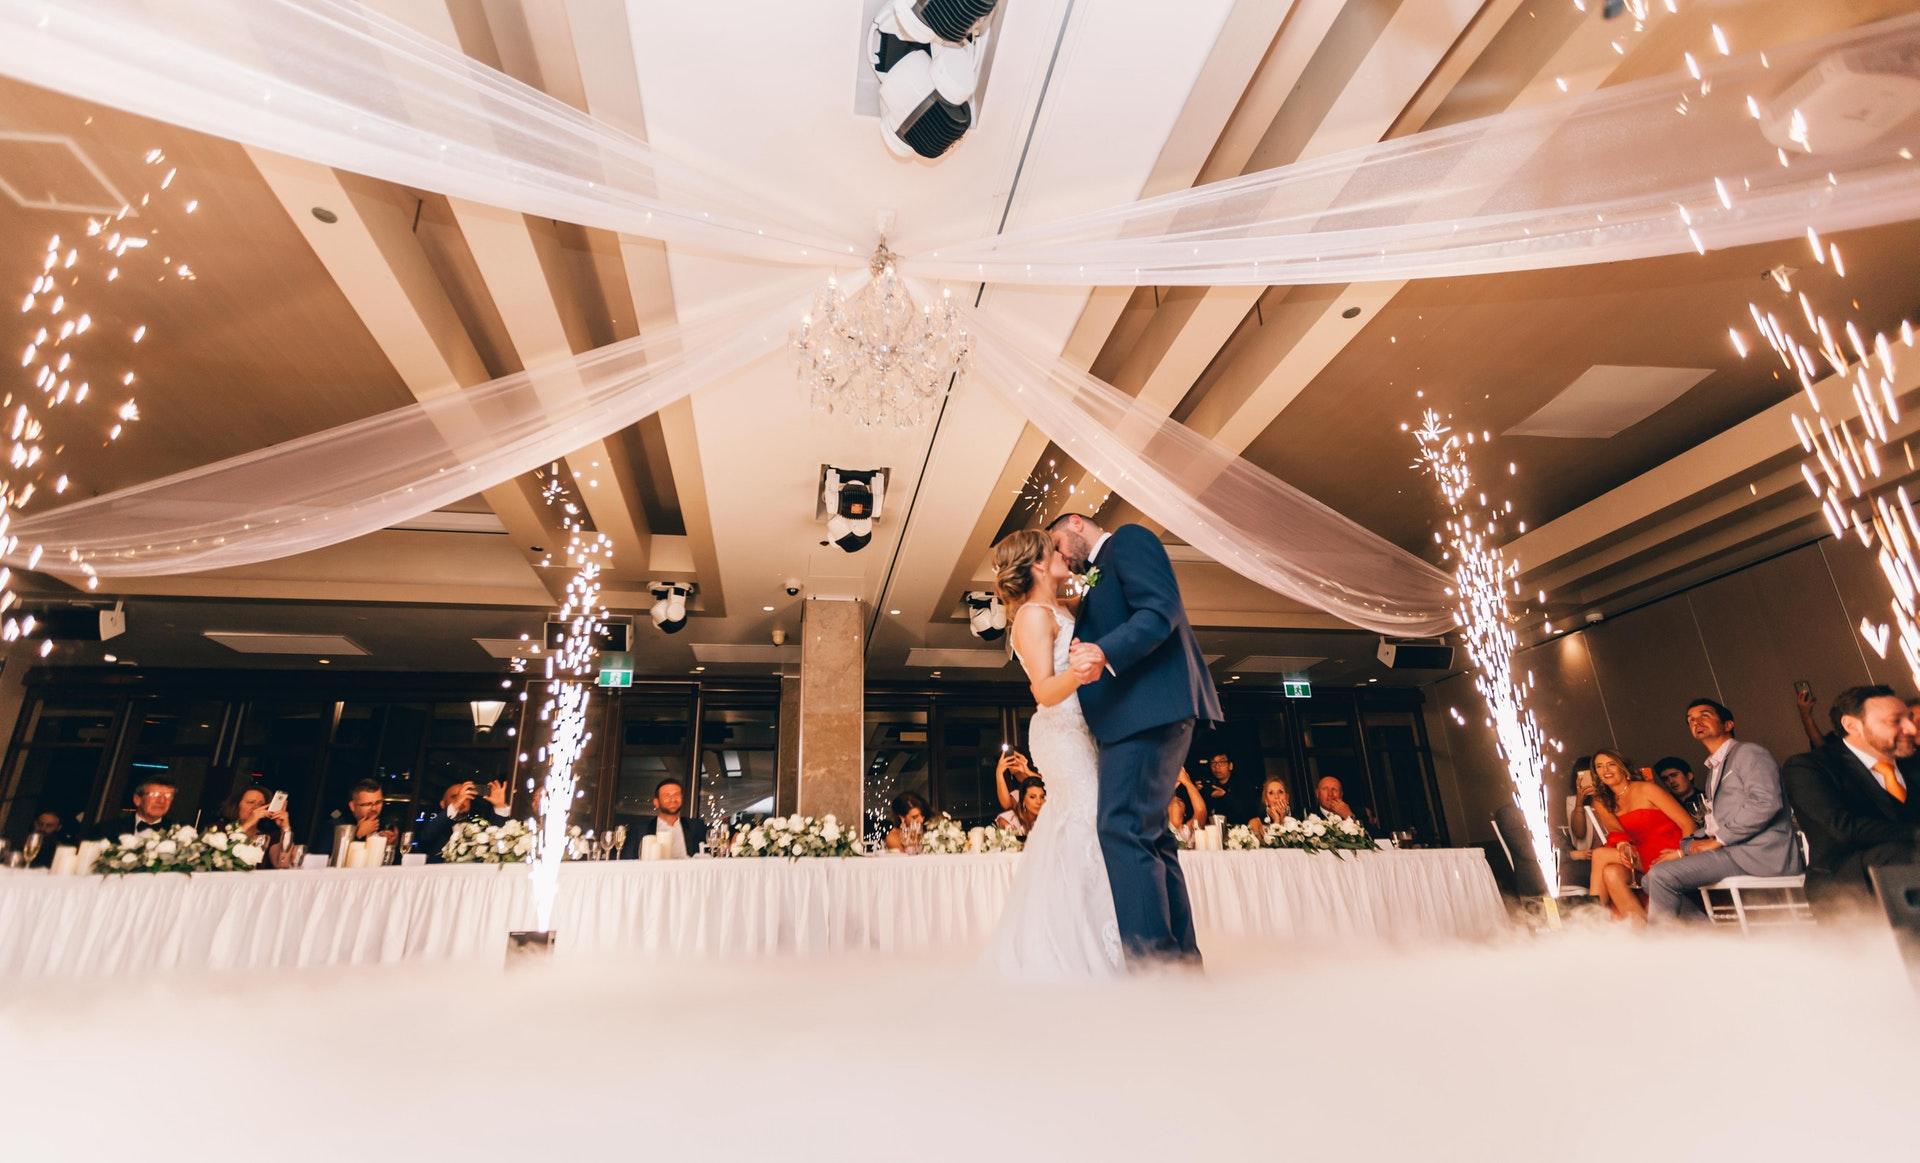 Małżeński Kalendarz Adwentowy – 23 grudnia 2019